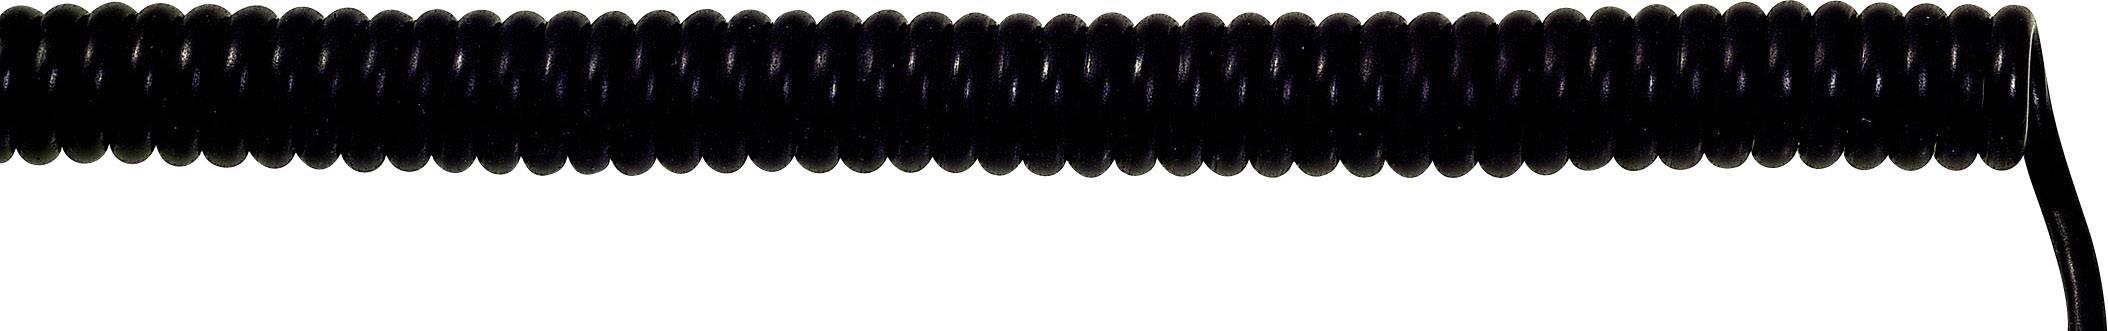 Špirálový kábel 73220230 UNITRONIC® SPIRAL 12 x 0.14 mm², 100 mm / 400 mm, čierna